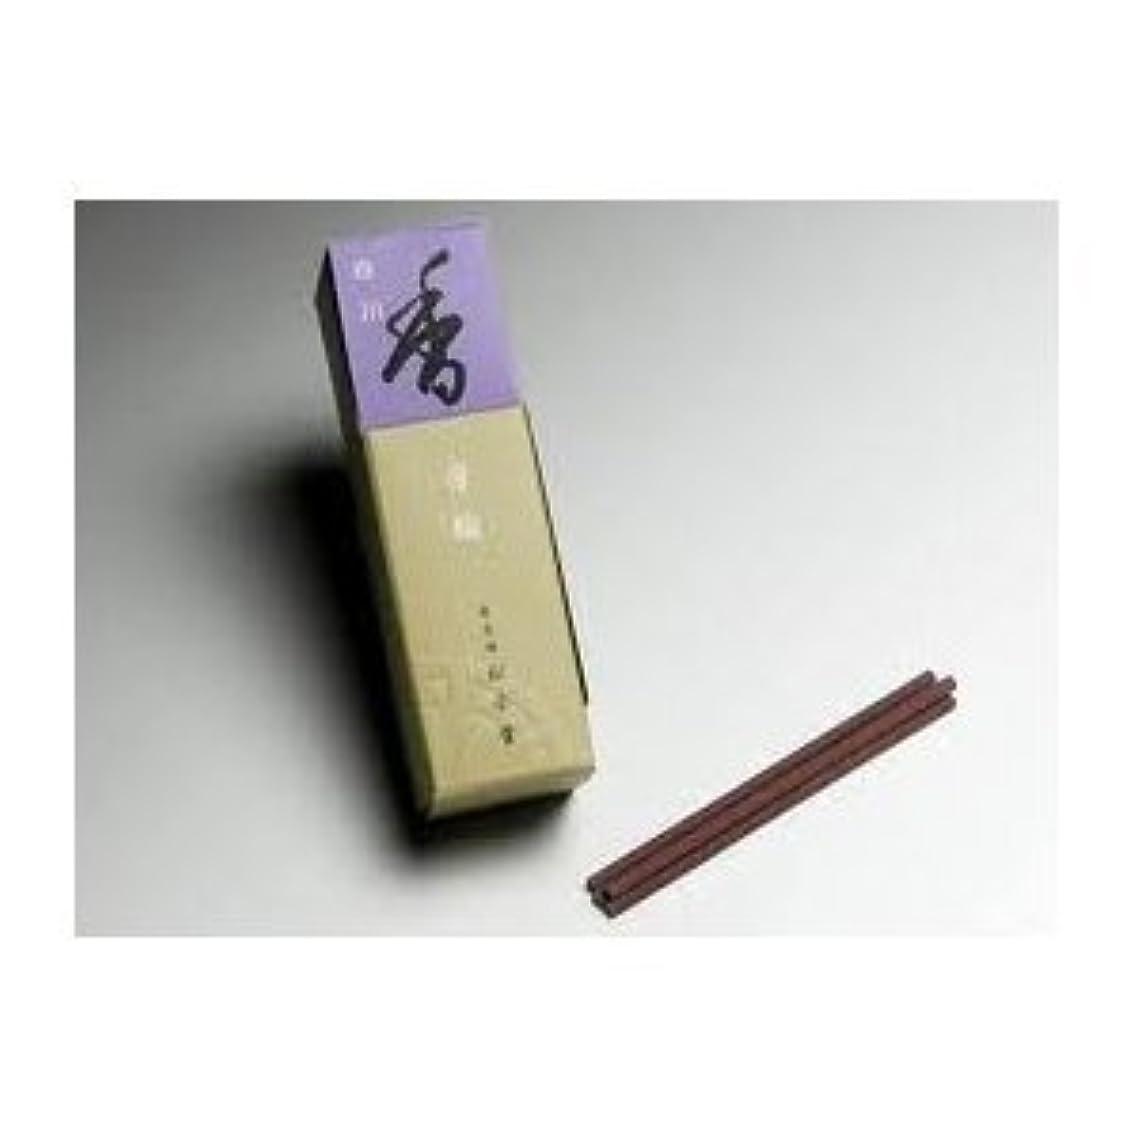 クラックポットクラックポット夏松栄堂 芳輪 白川 スティック型 20本入